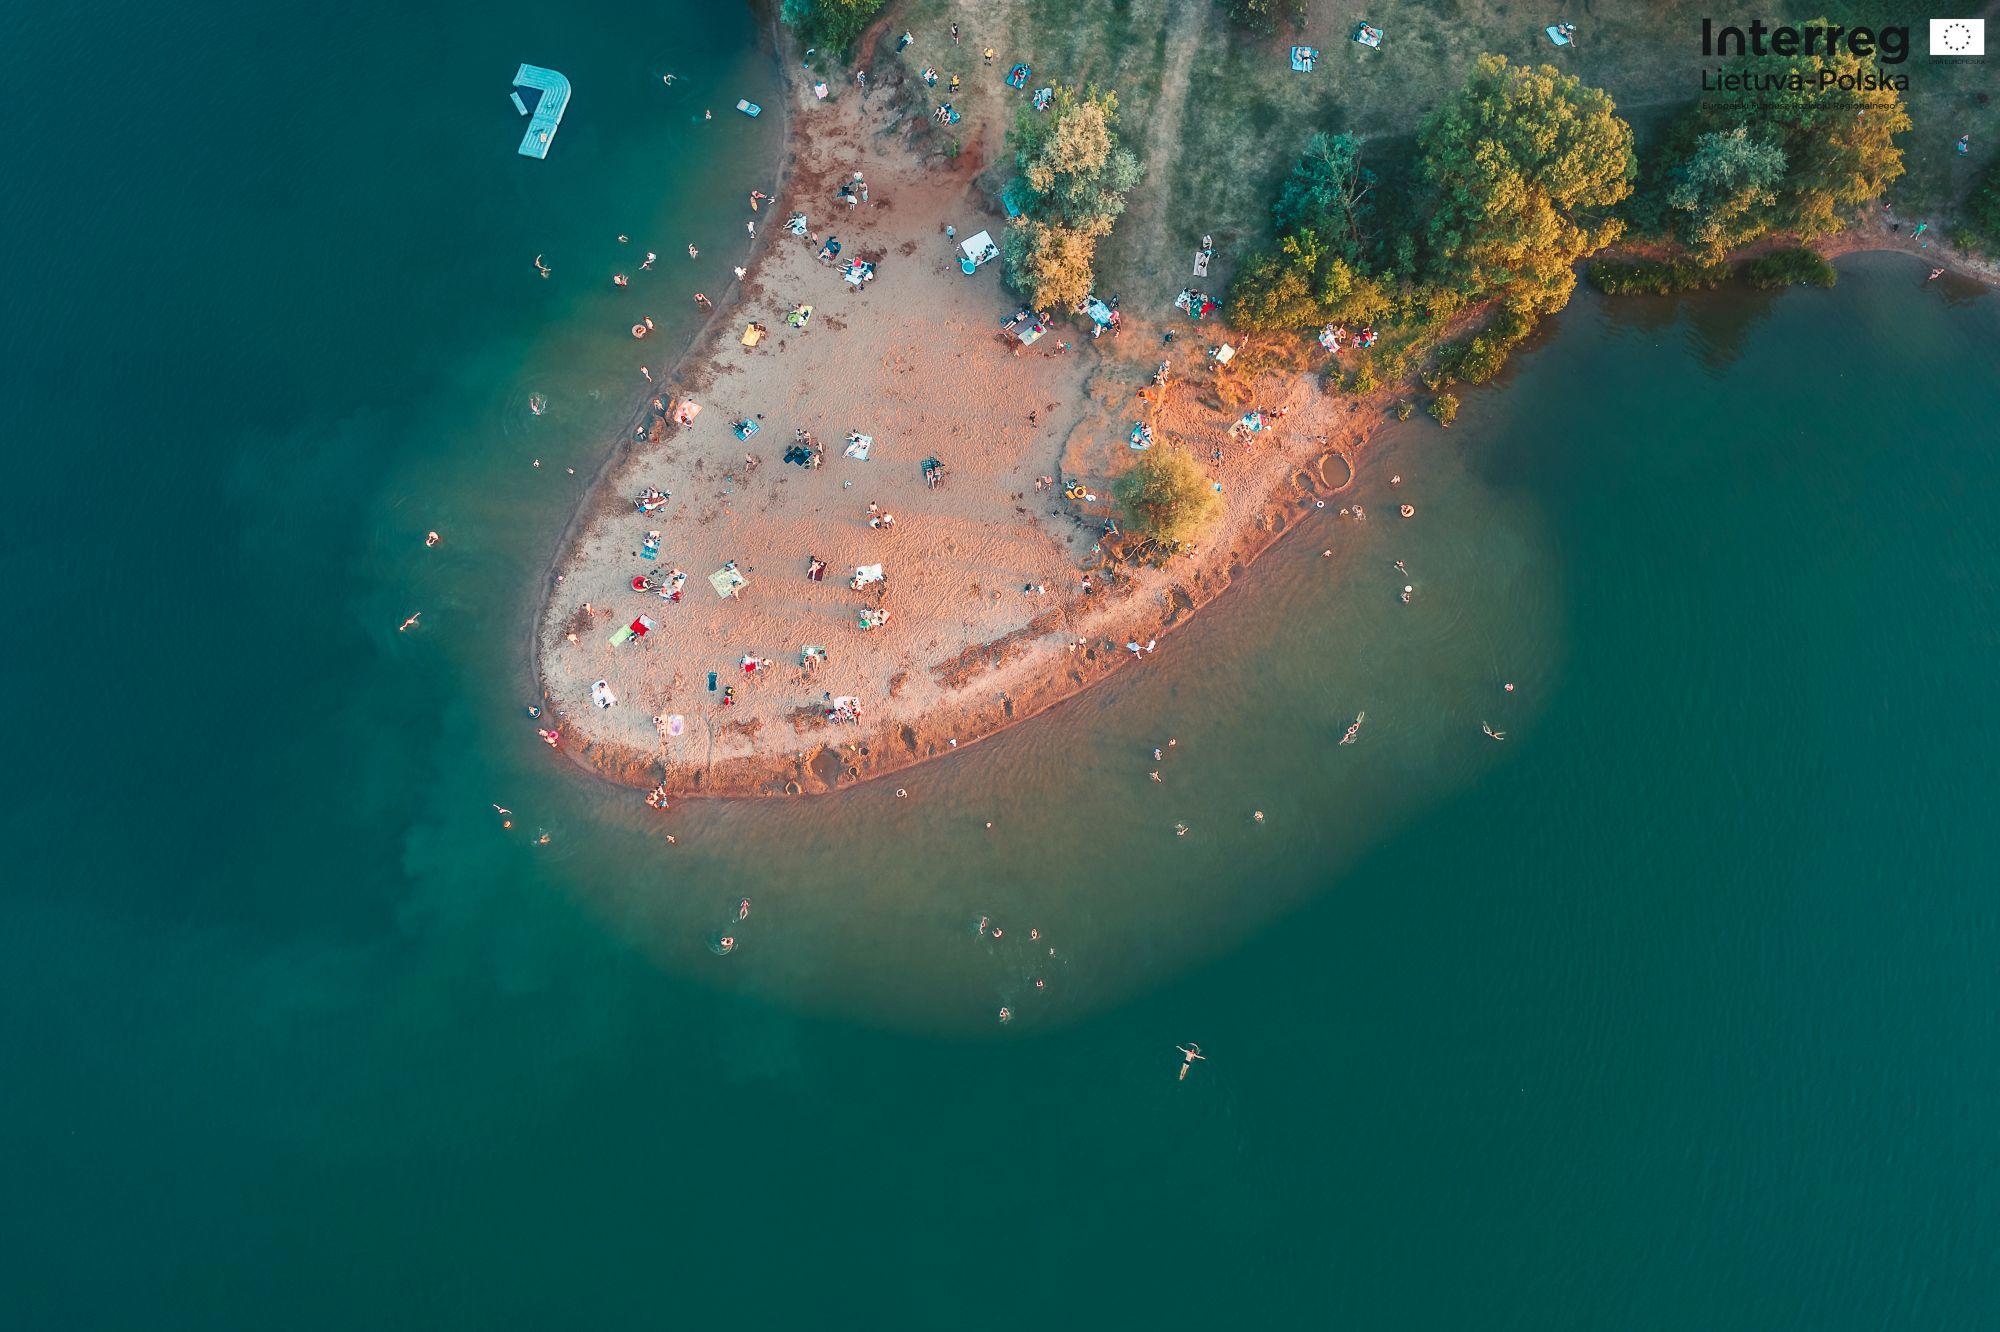 Plaża widziana z lotu ptaka